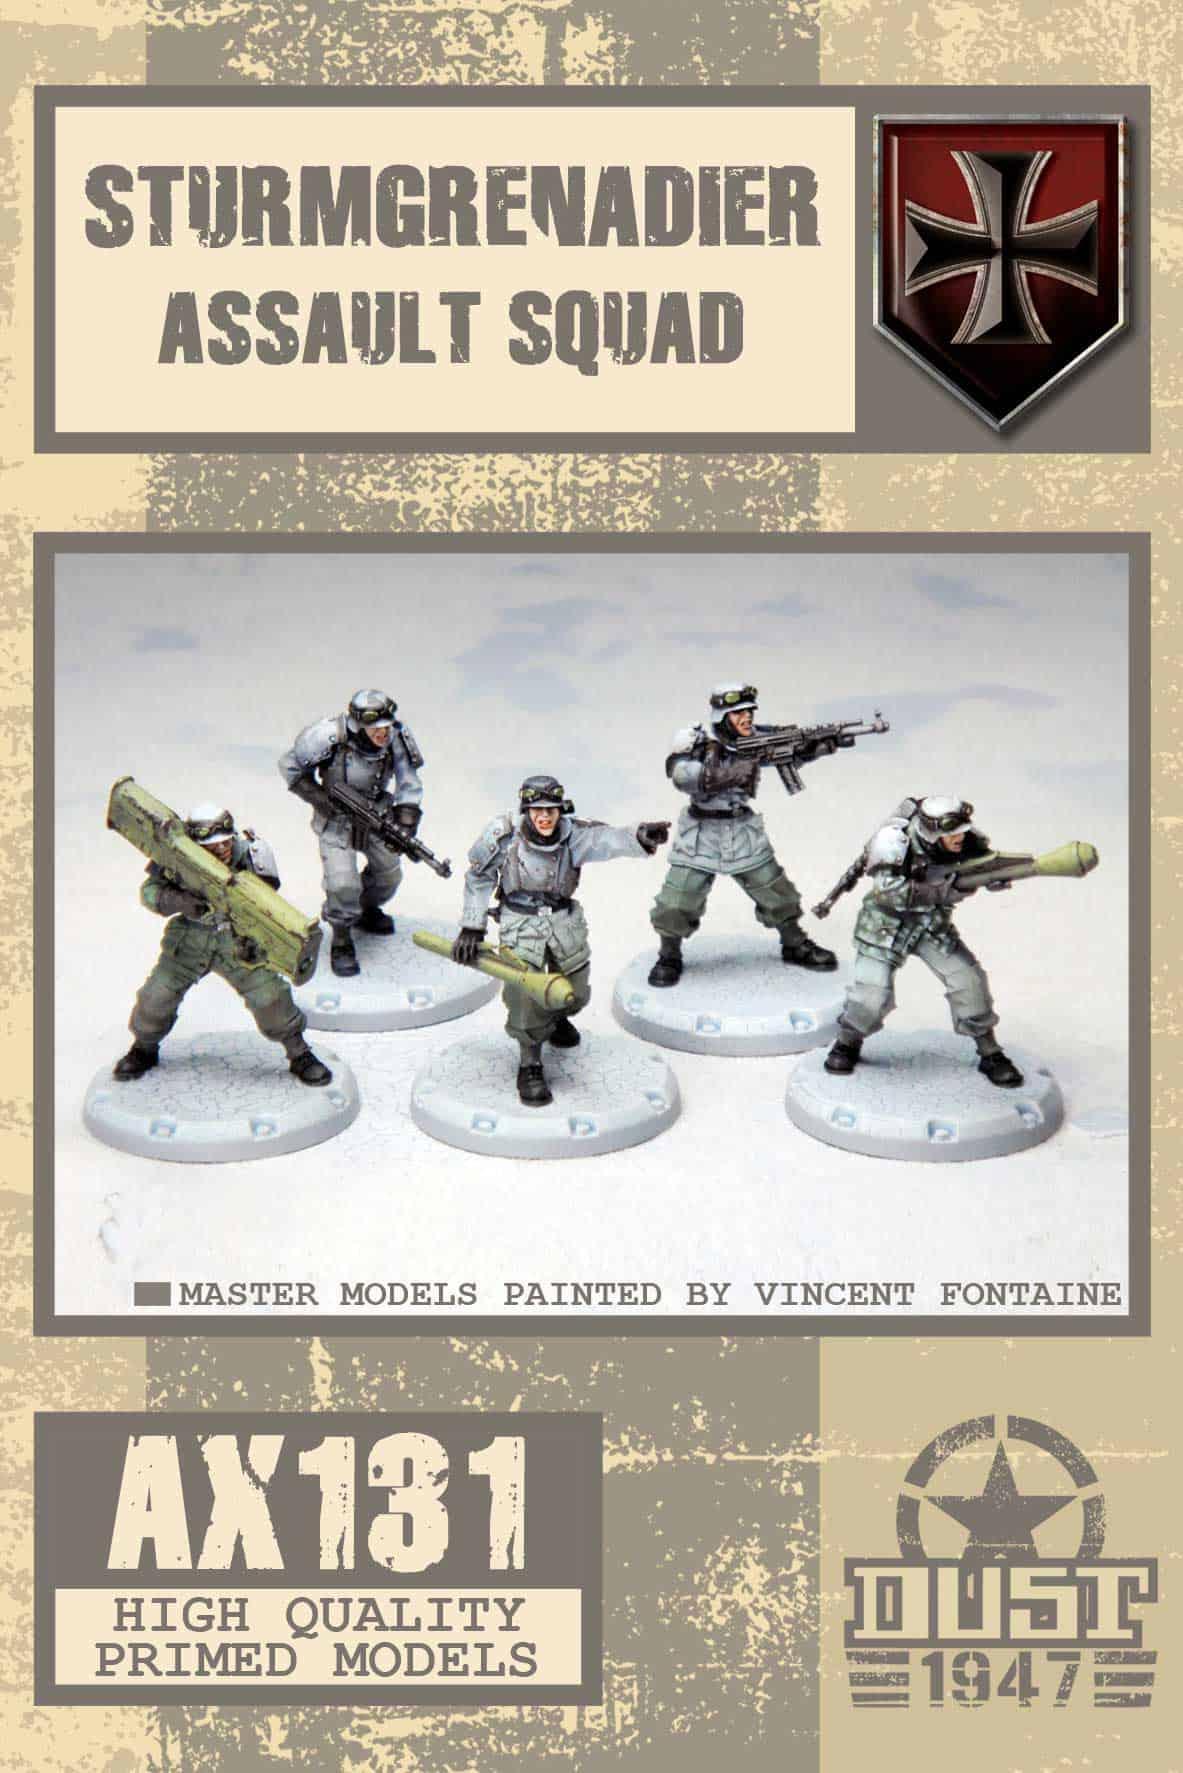 Zdjęcie Sturmgrenadier Battle Squad